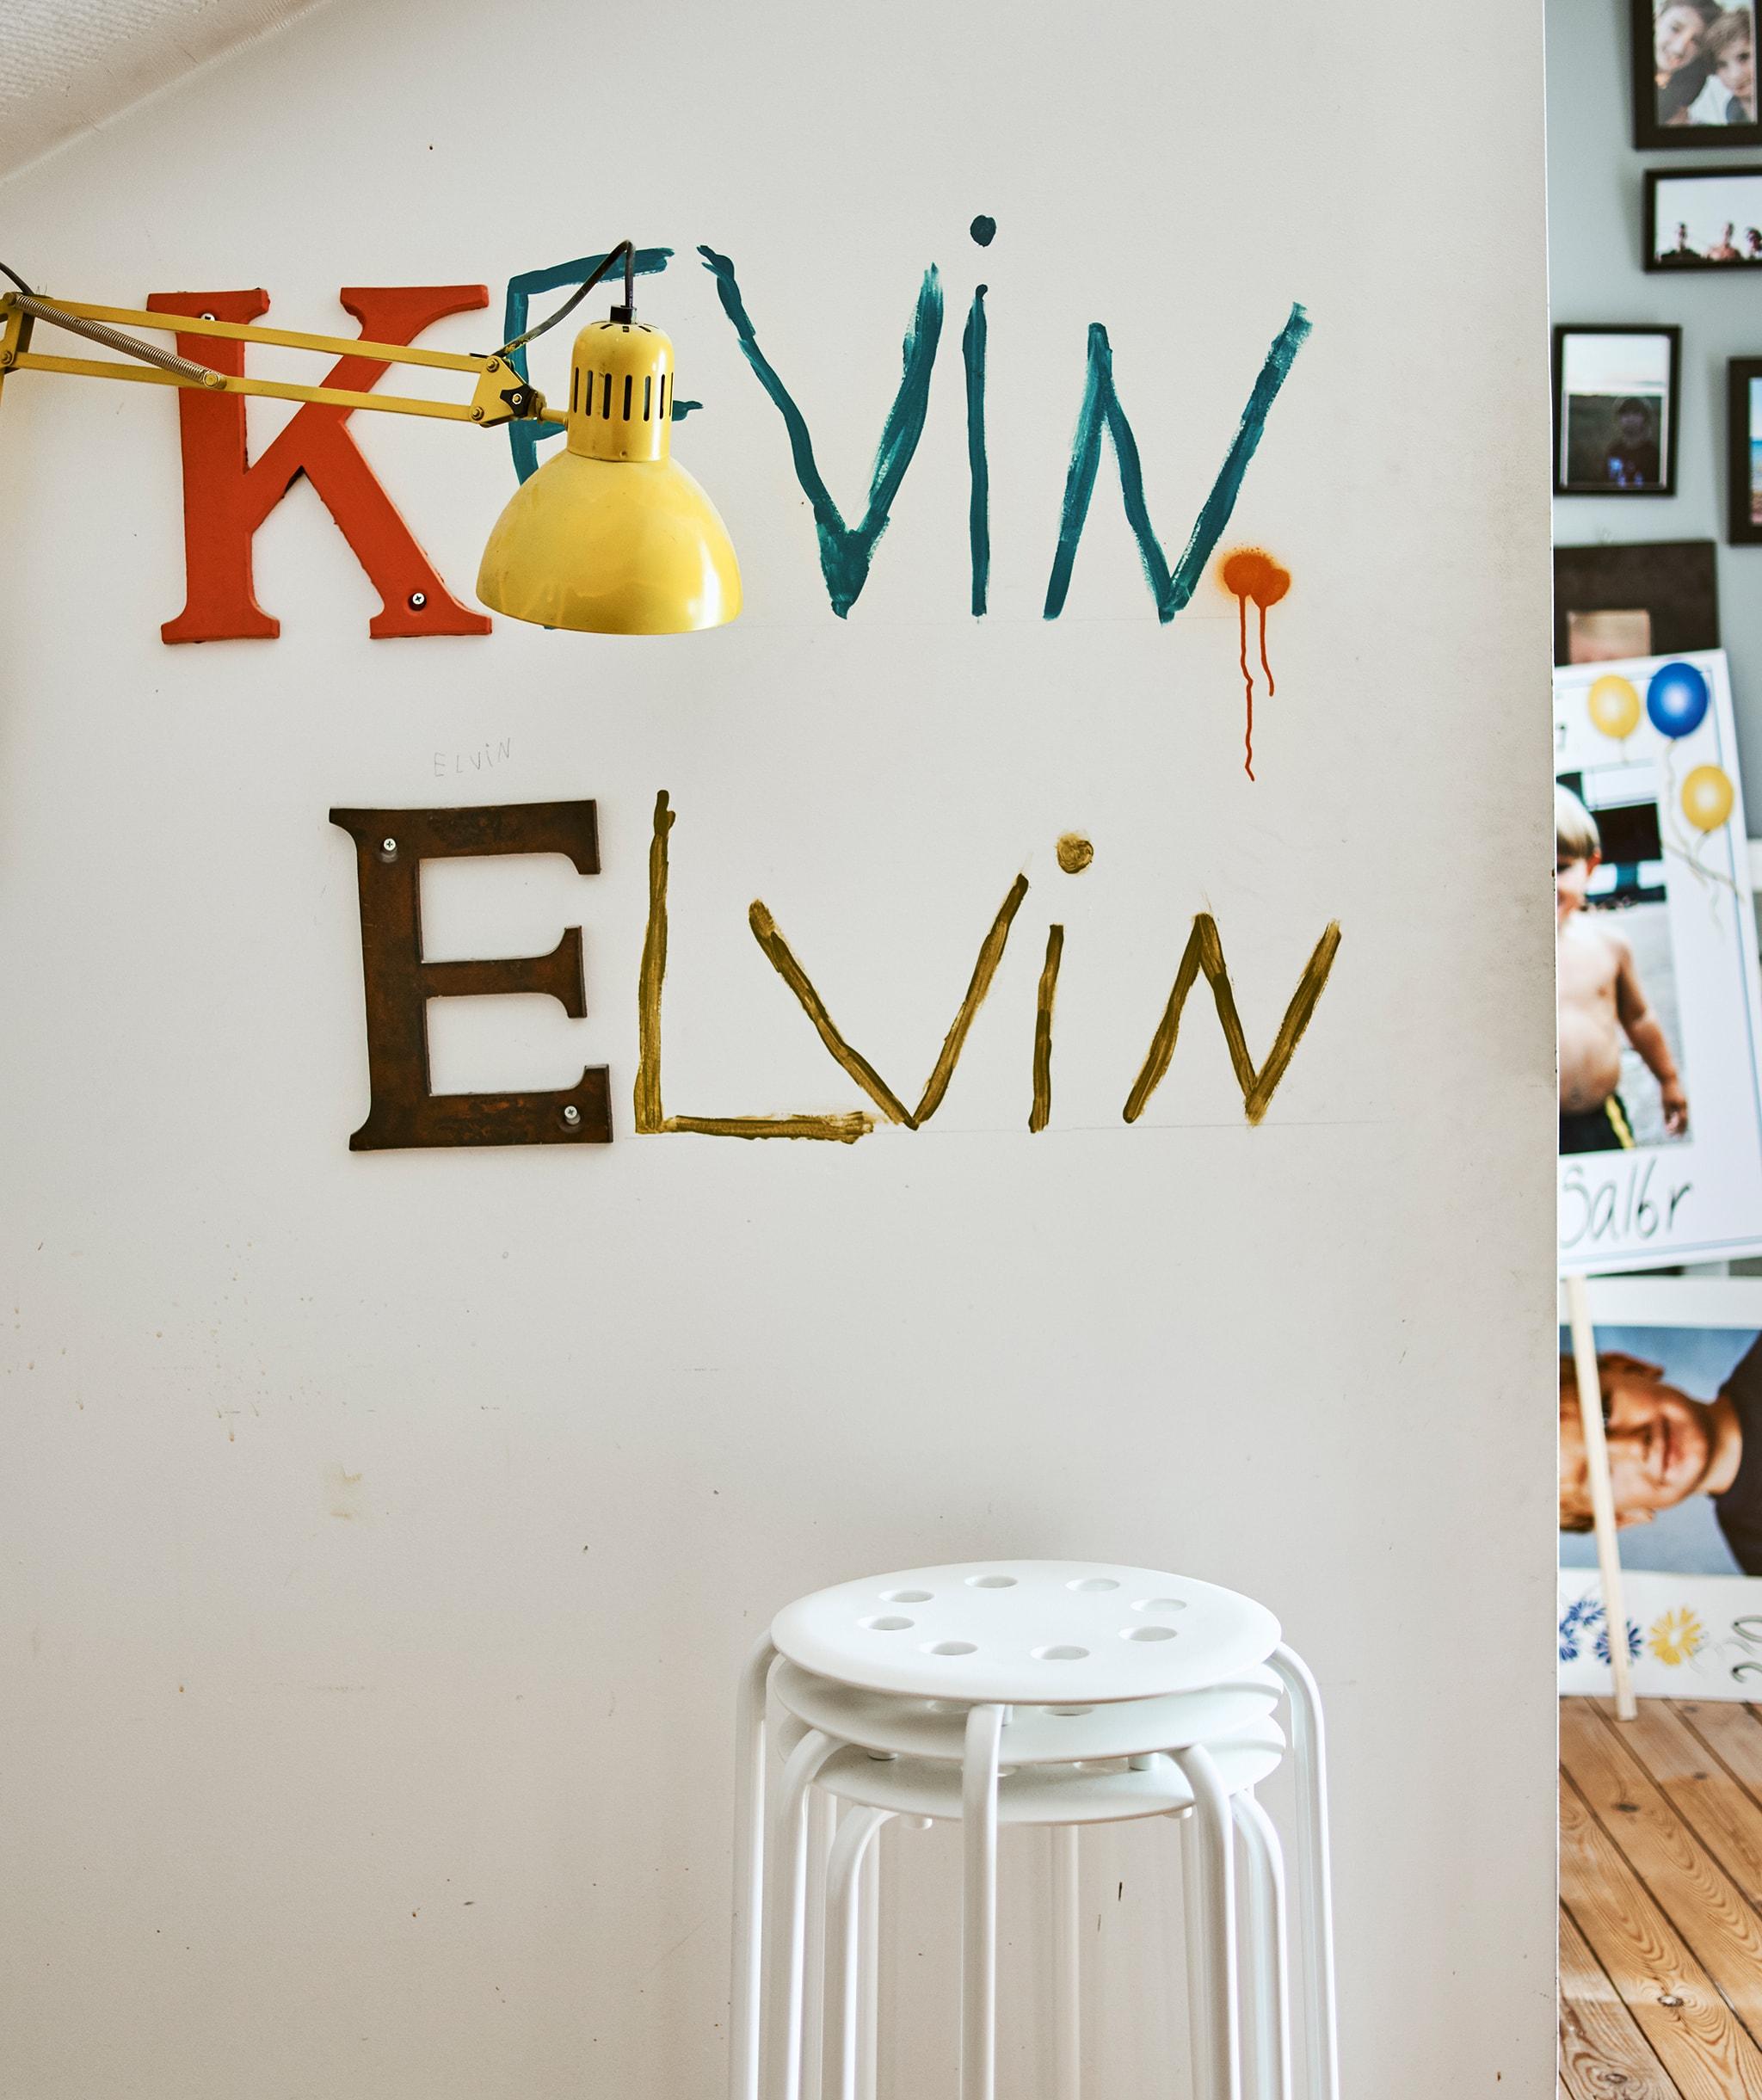 Bangku ditumpuk di sebelah dinding dengan nama Kevin dan Elvin yang dicat di atasnya dan lampu dinding berwarna kuning.